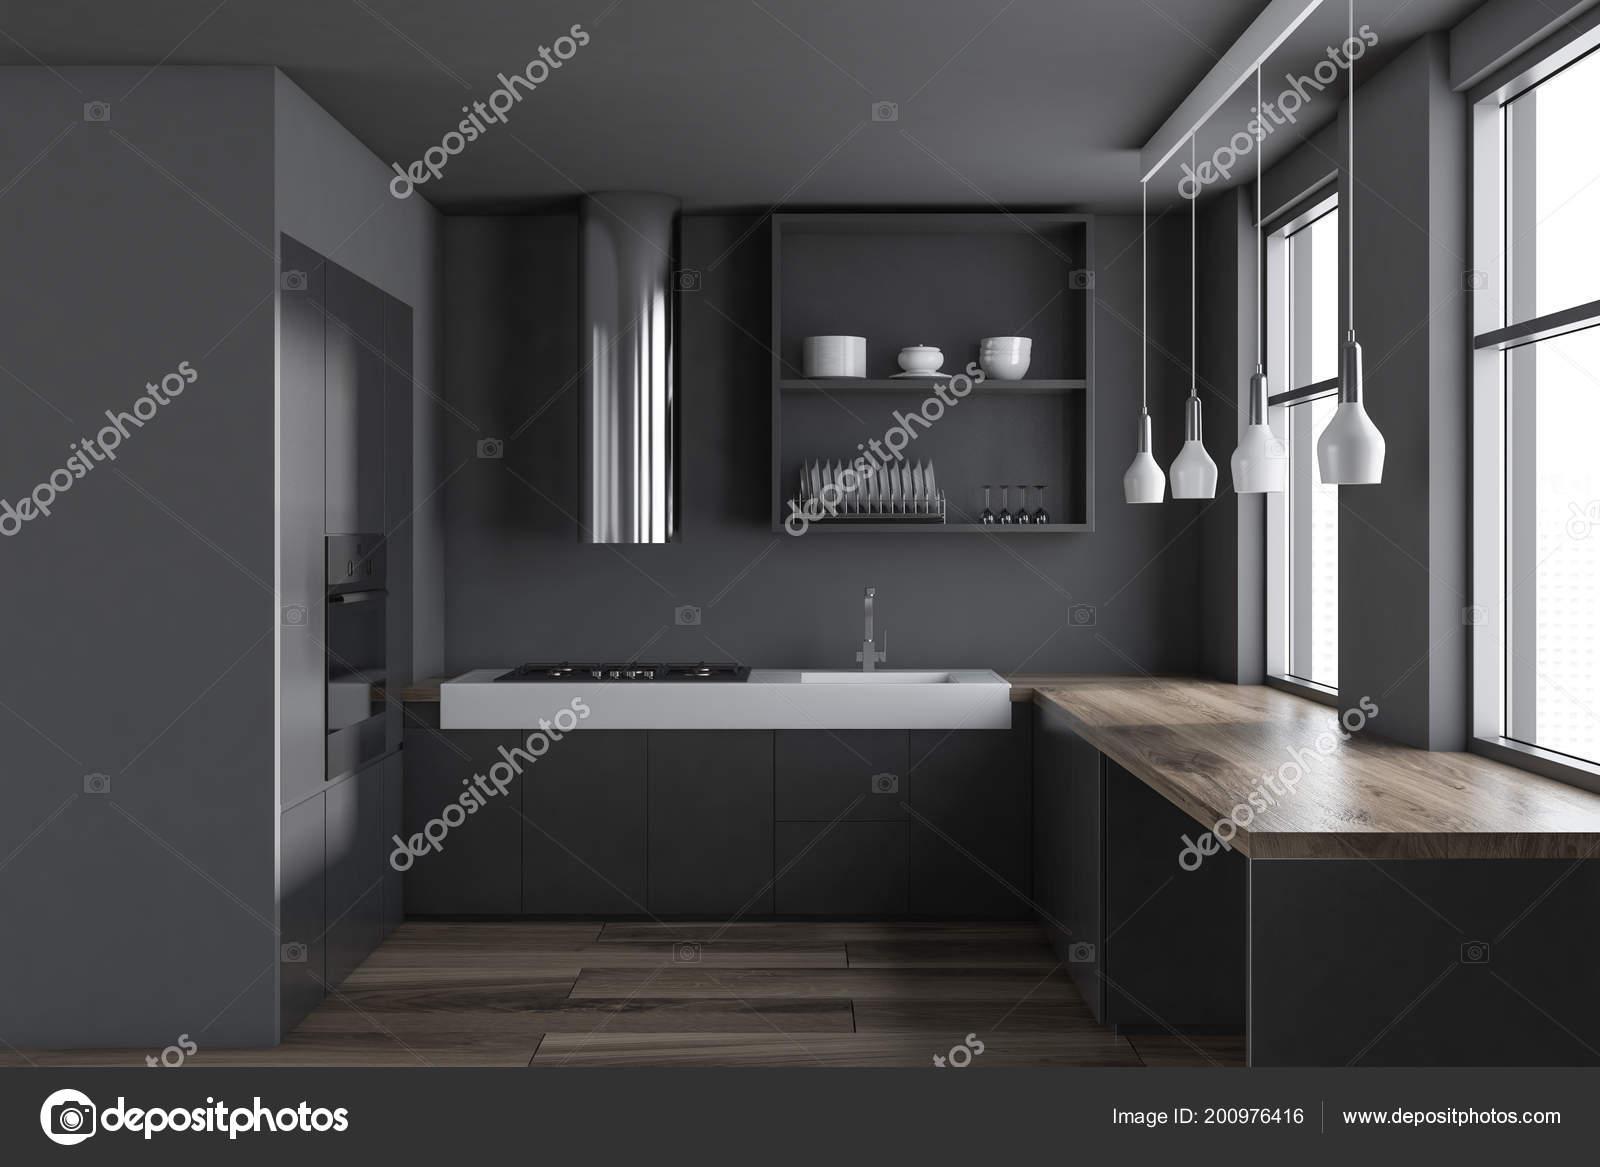 Houten Vloer Grijs : Grijze minimalistische keuken interieur met een houten vloer